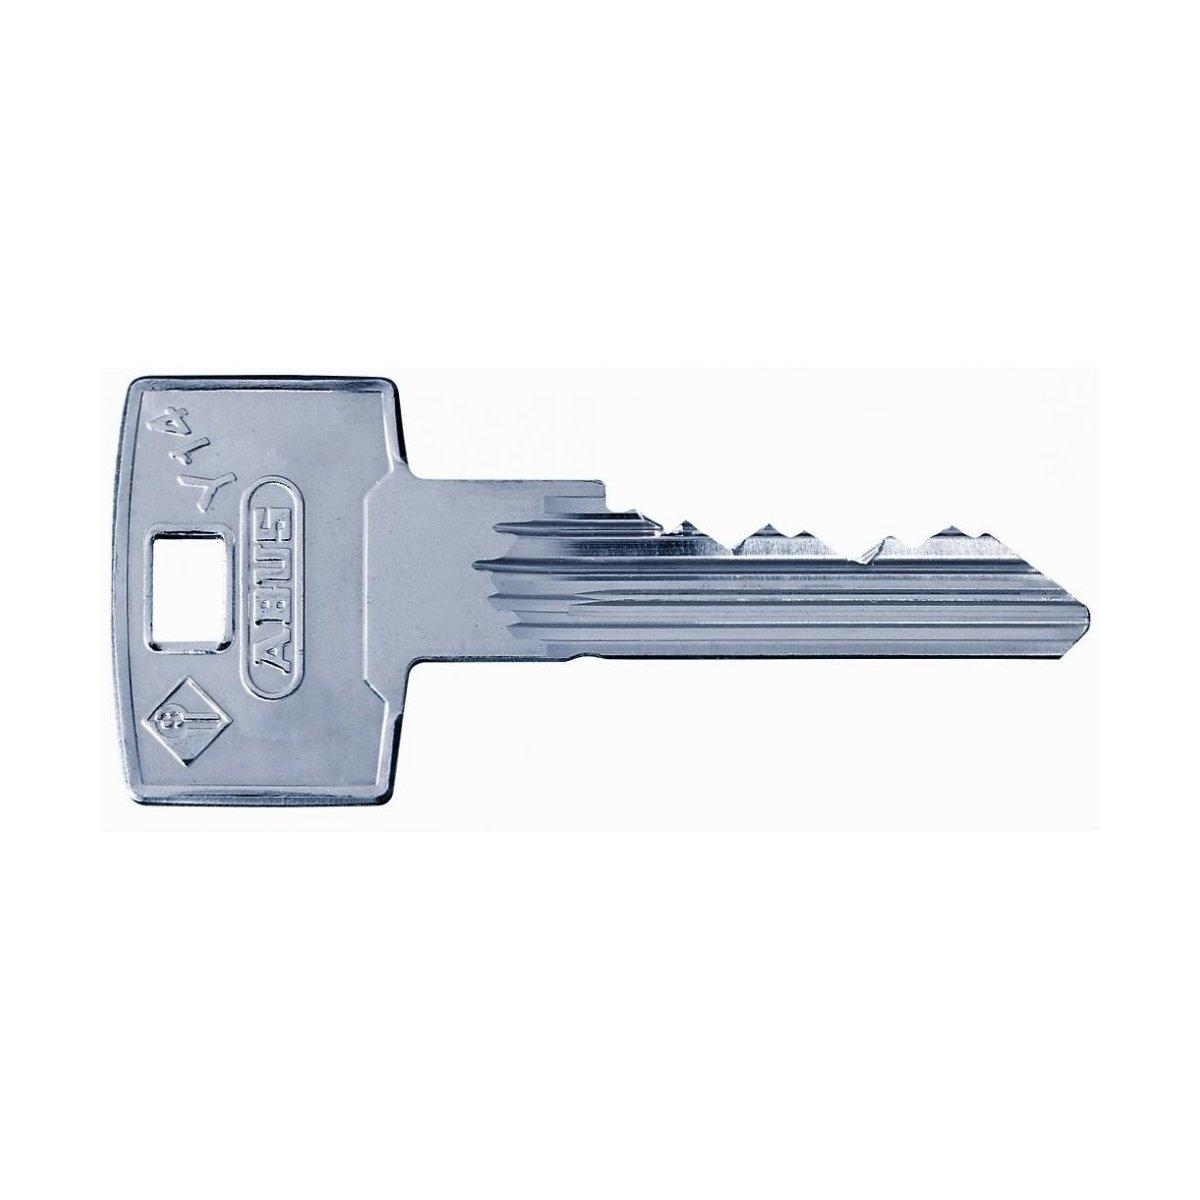 K=Knaufseite Sicherungskarte 5 Schl/üssel Sicherheitszylinder inkl ABUS Y14 Knaufzylinder 30//30K inkl verschiedenschlie/ßend